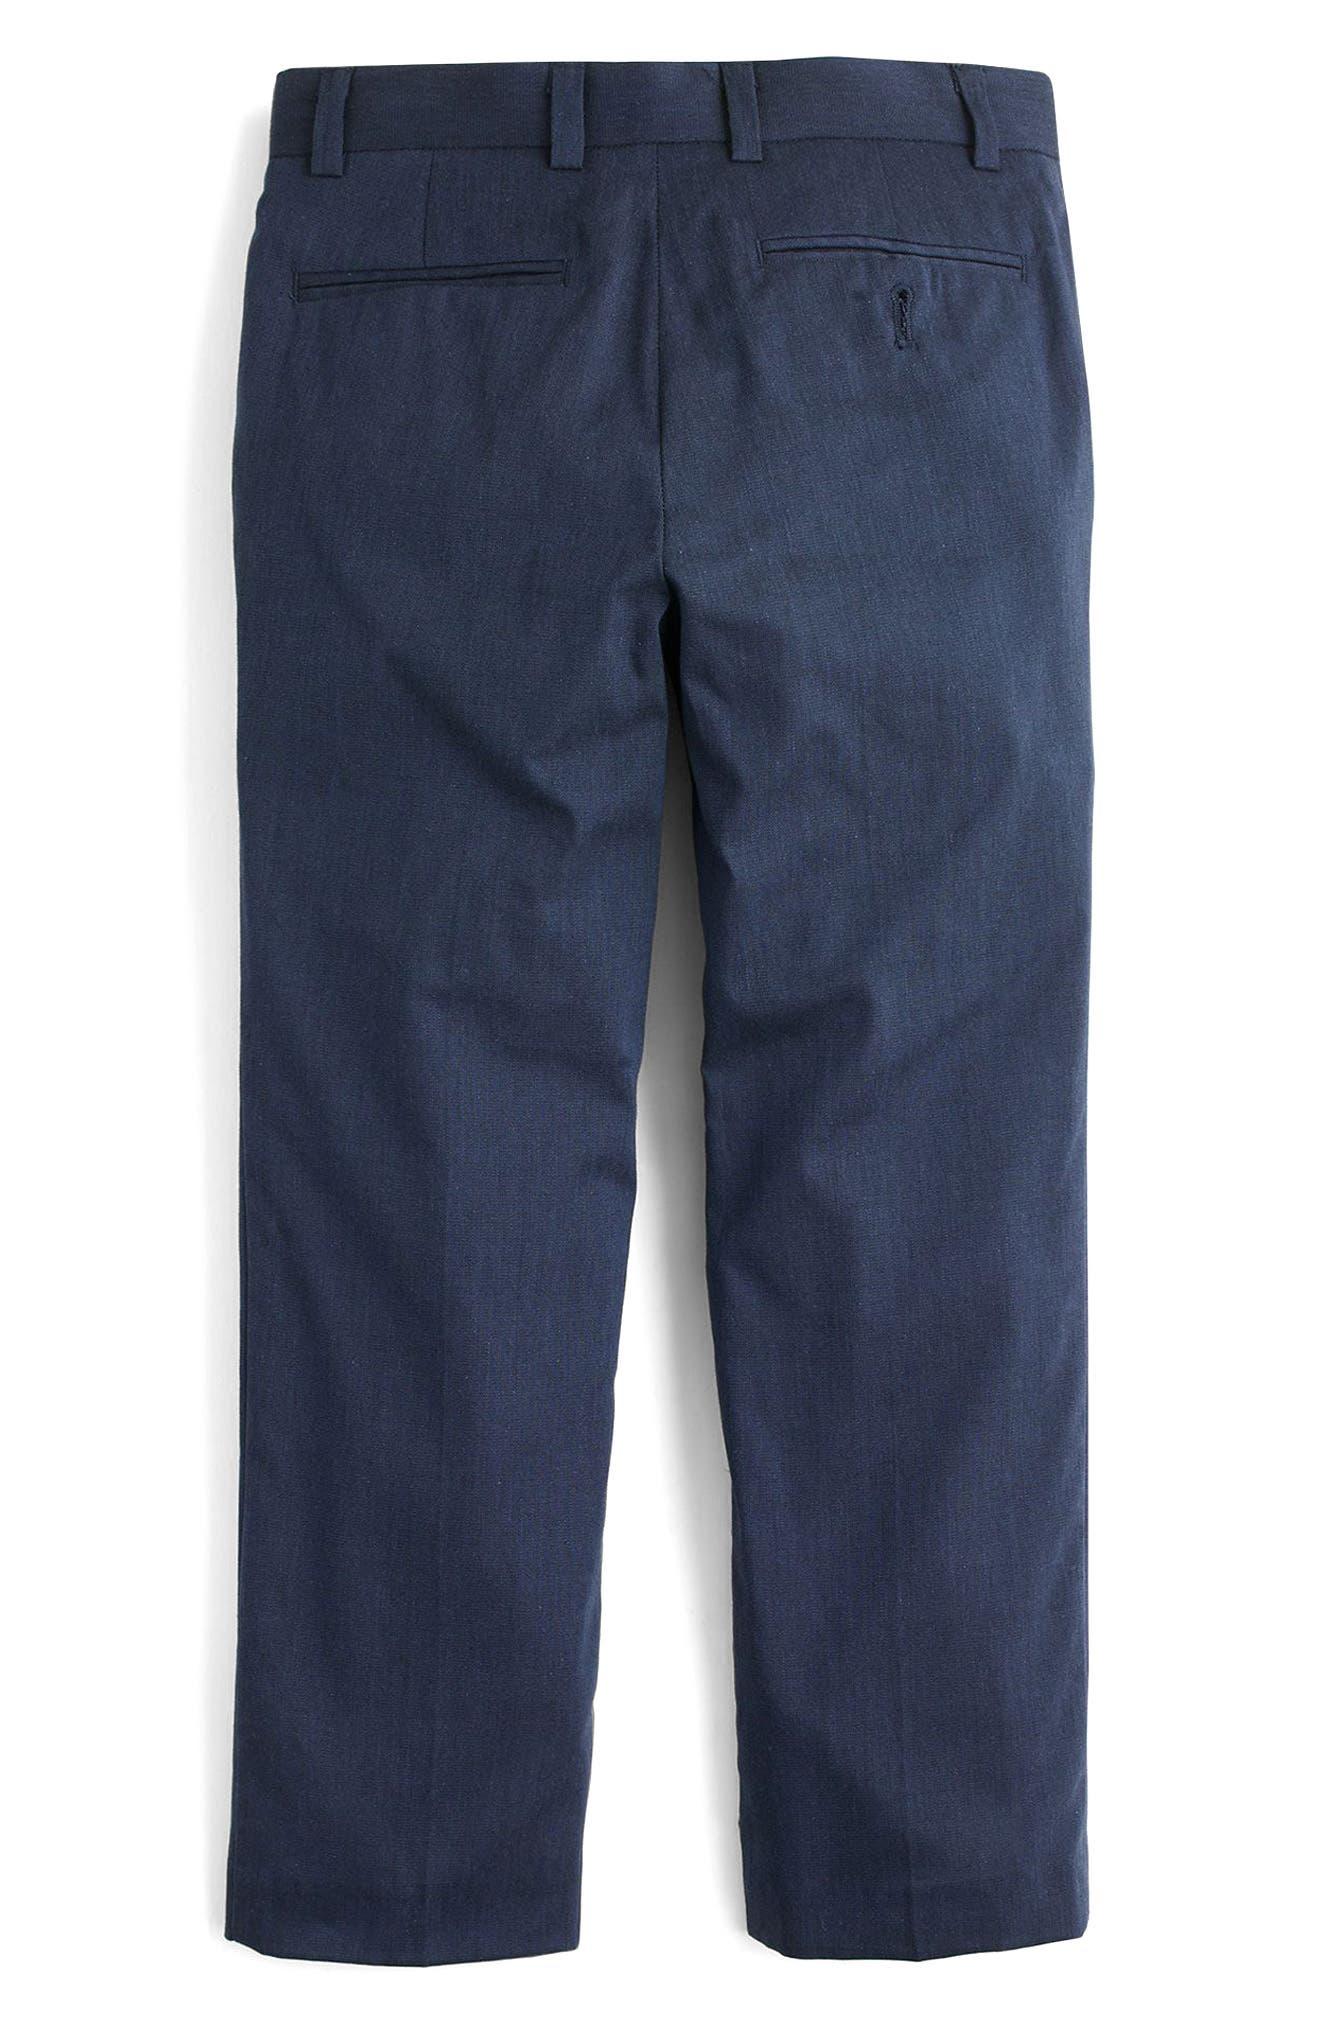 Ludlow Suit Pants,                             Alternate thumbnail 2, color,                             400